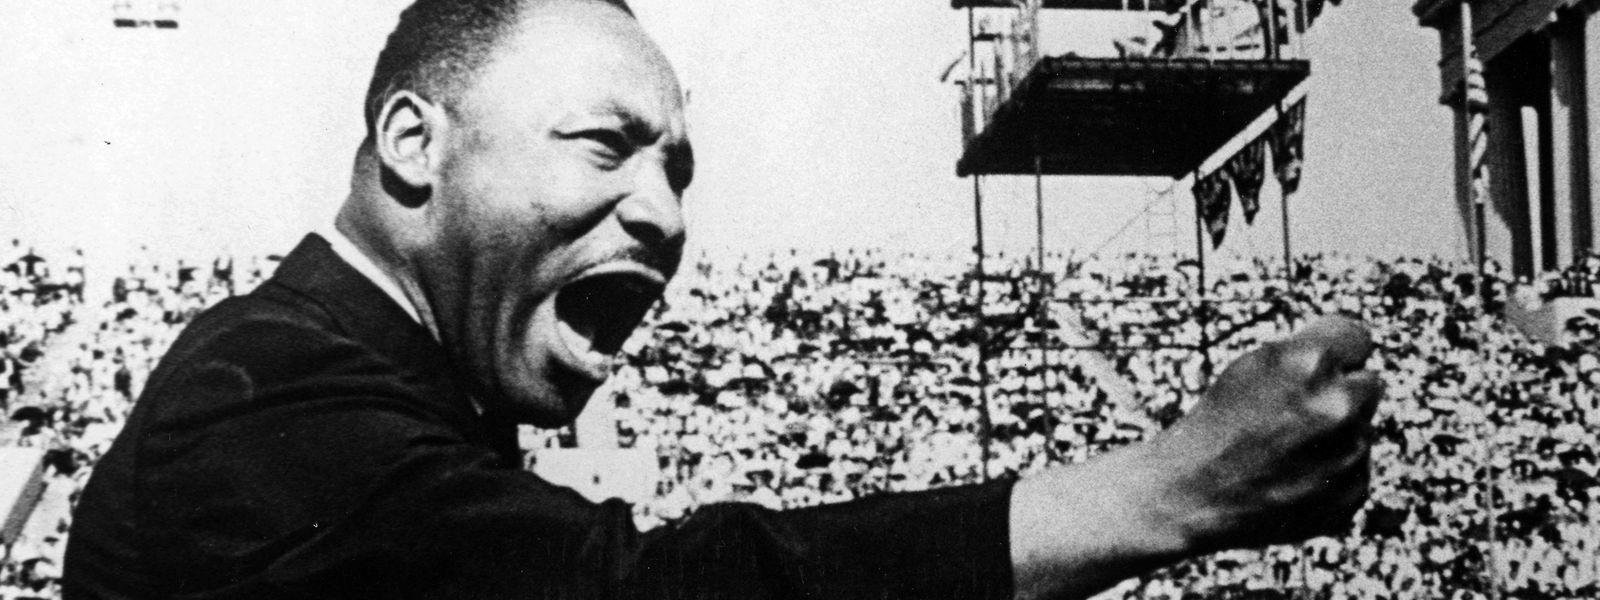 Der Bürgerrechtler Martin Luther King Jr. bei einer Kundgebung in Chicago.